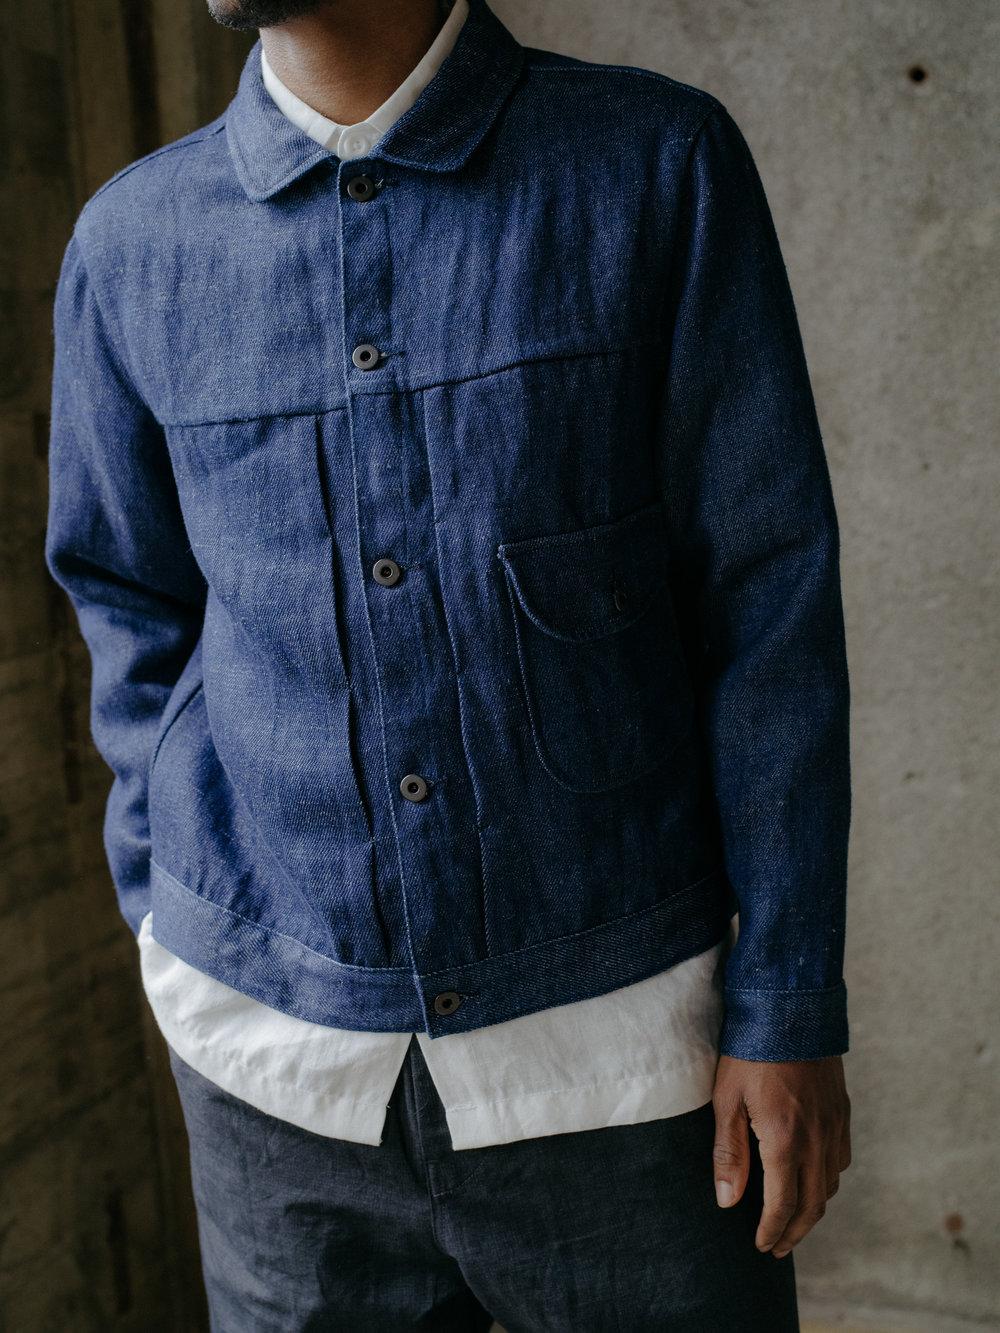 evan-kinori-pleated-jacket-hemp-denim-7